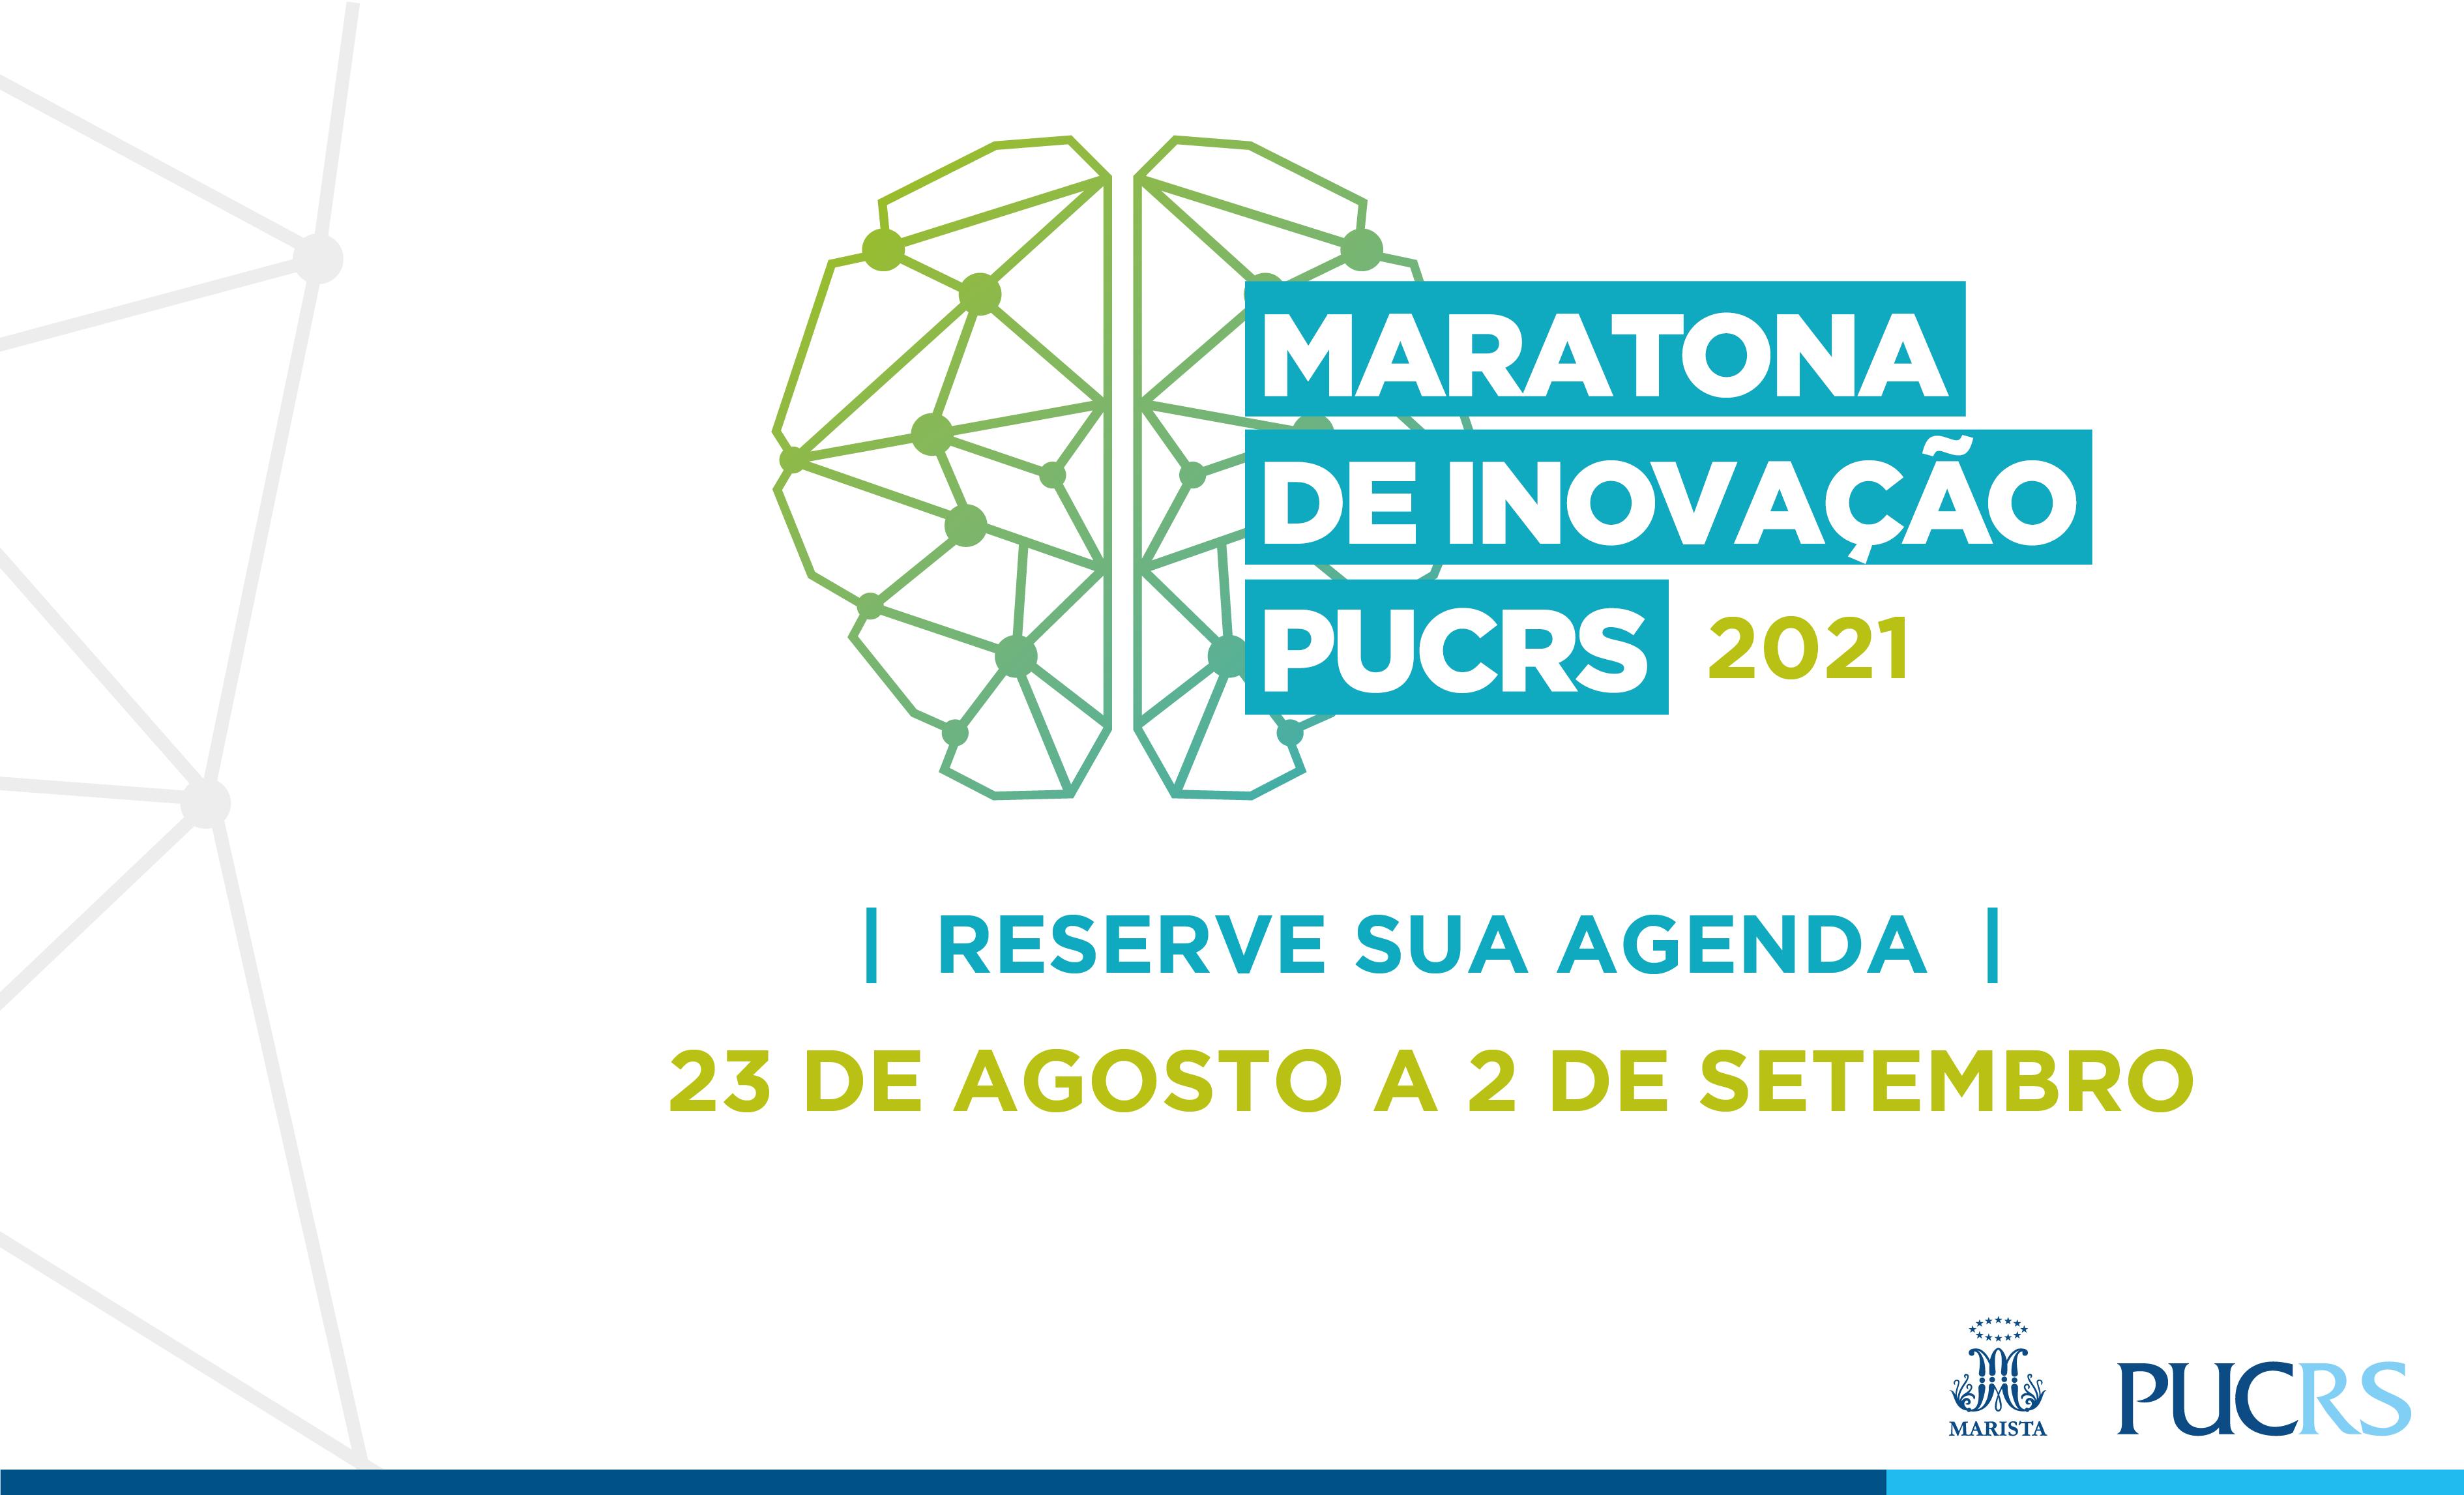 Maratona de Inovação, Saúde e Bem-Estar, MIP 2021